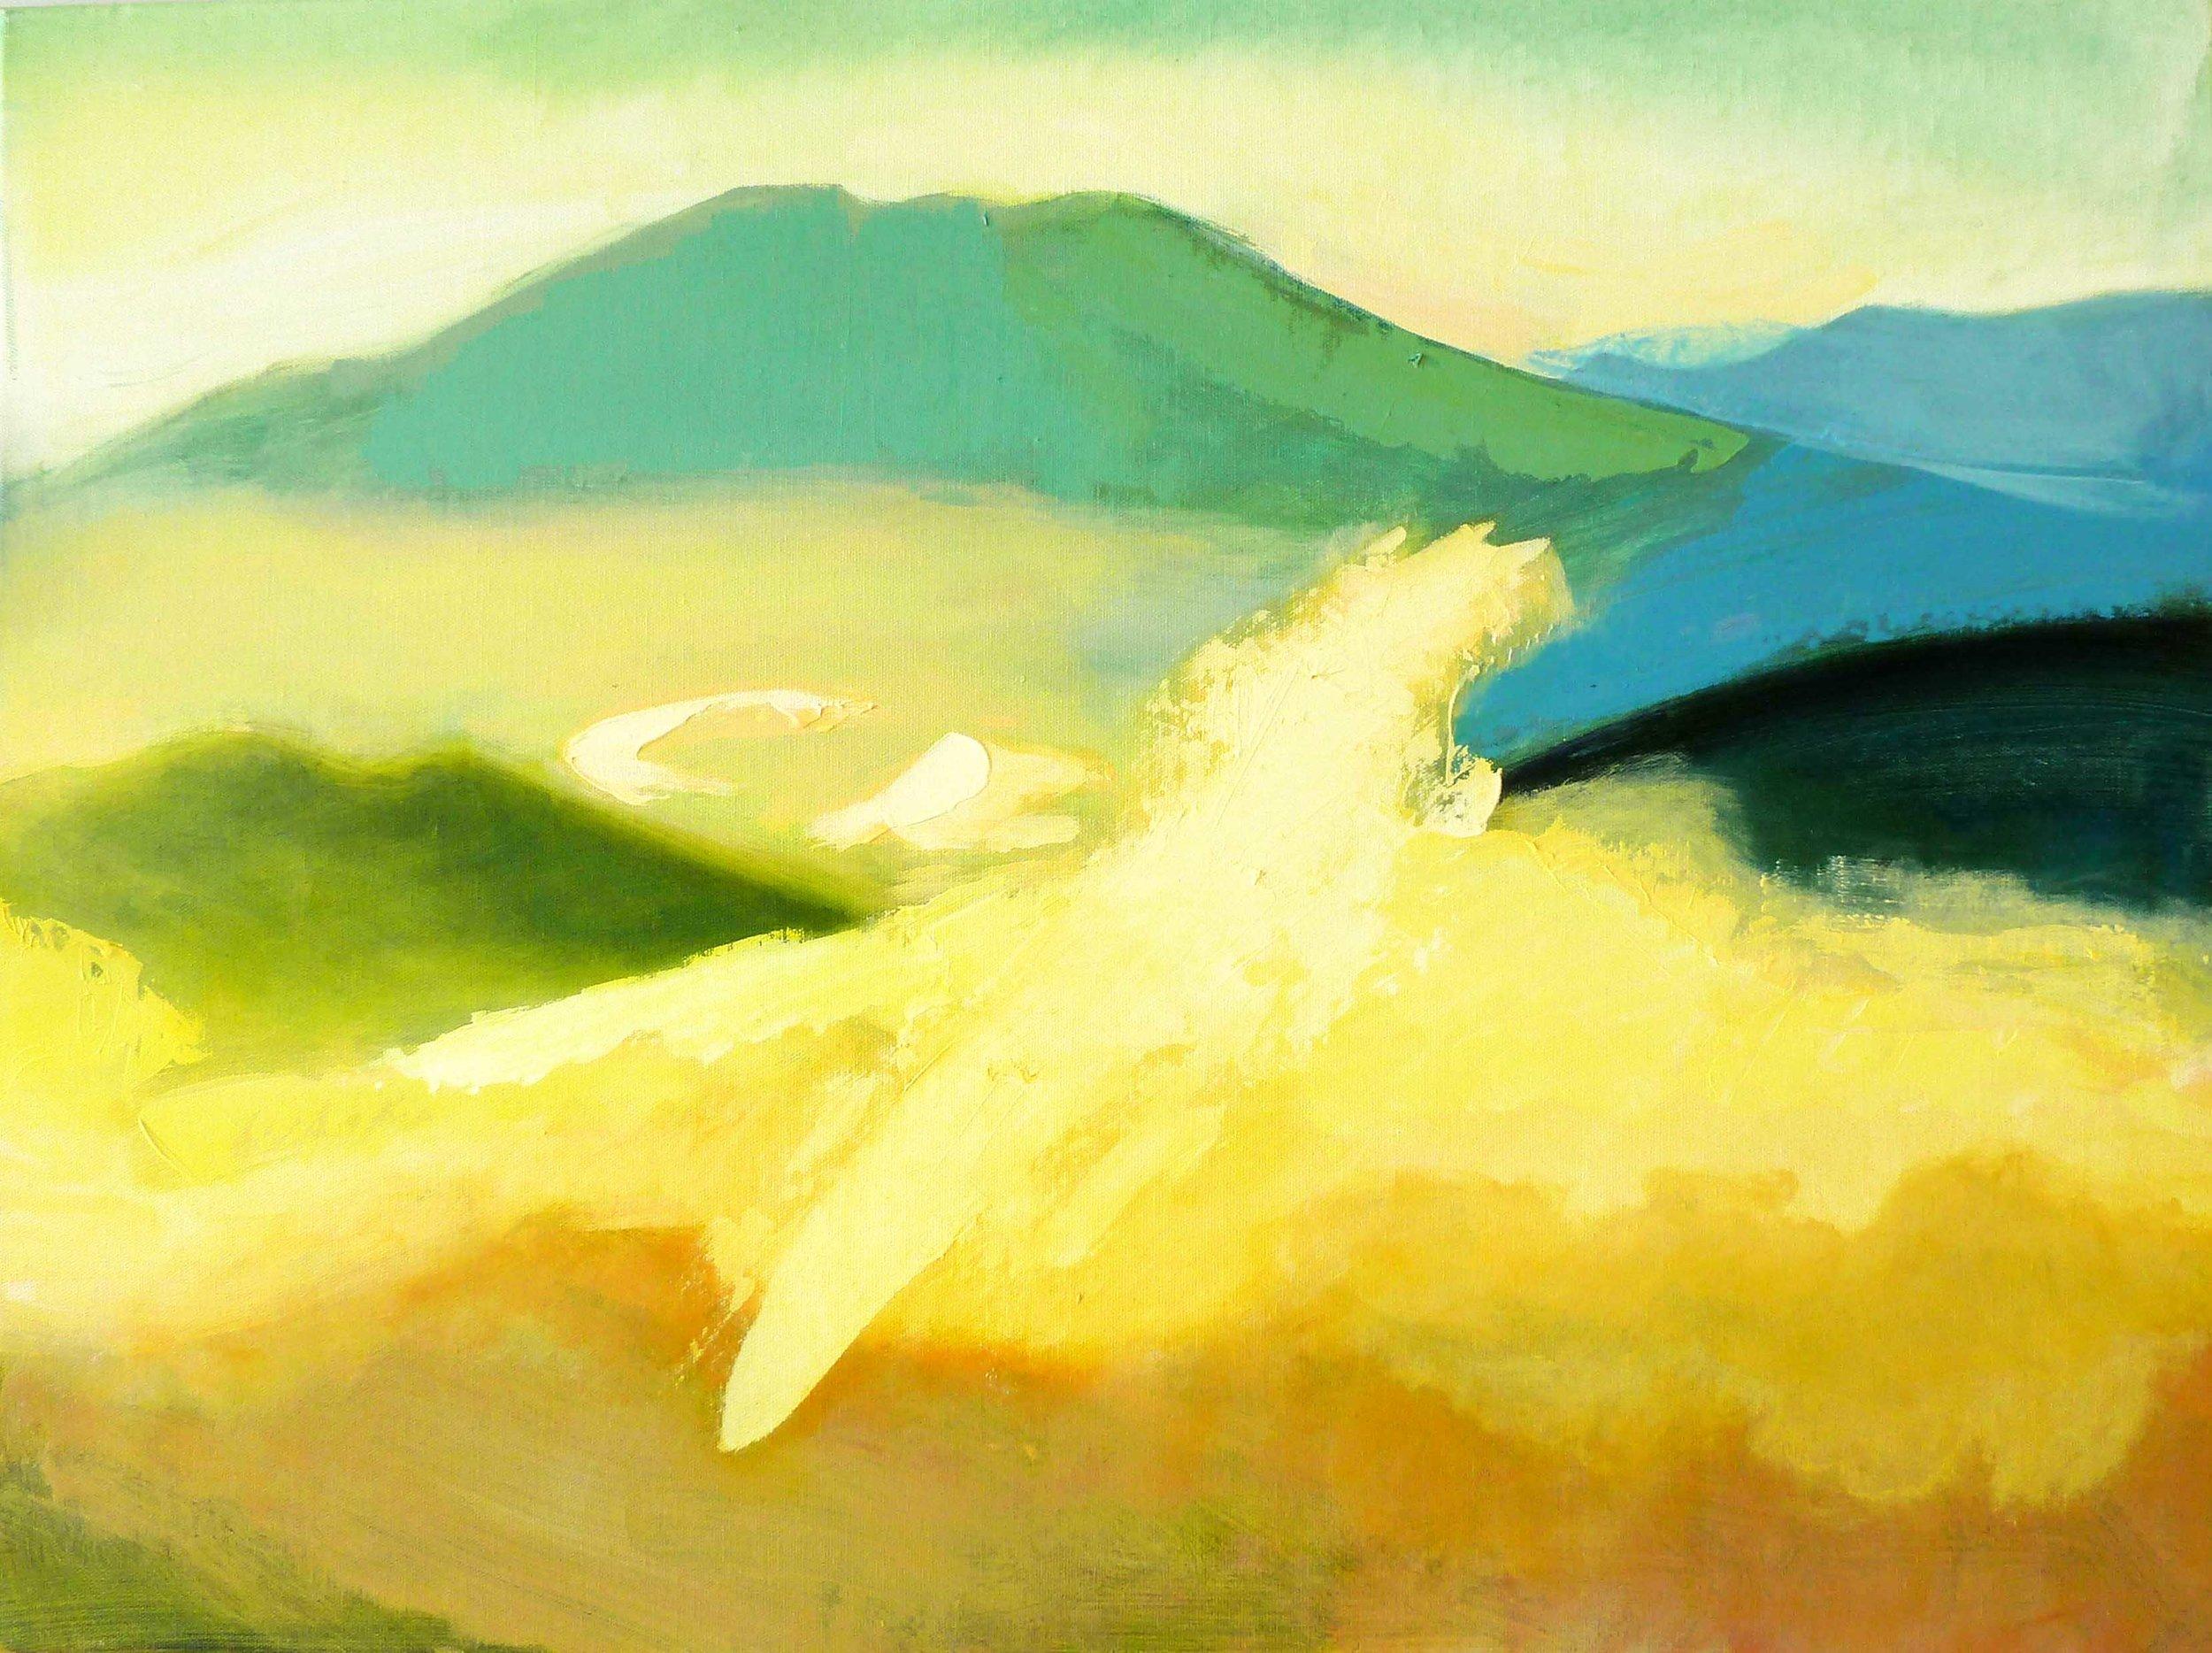 Mist II, Rebecca Price